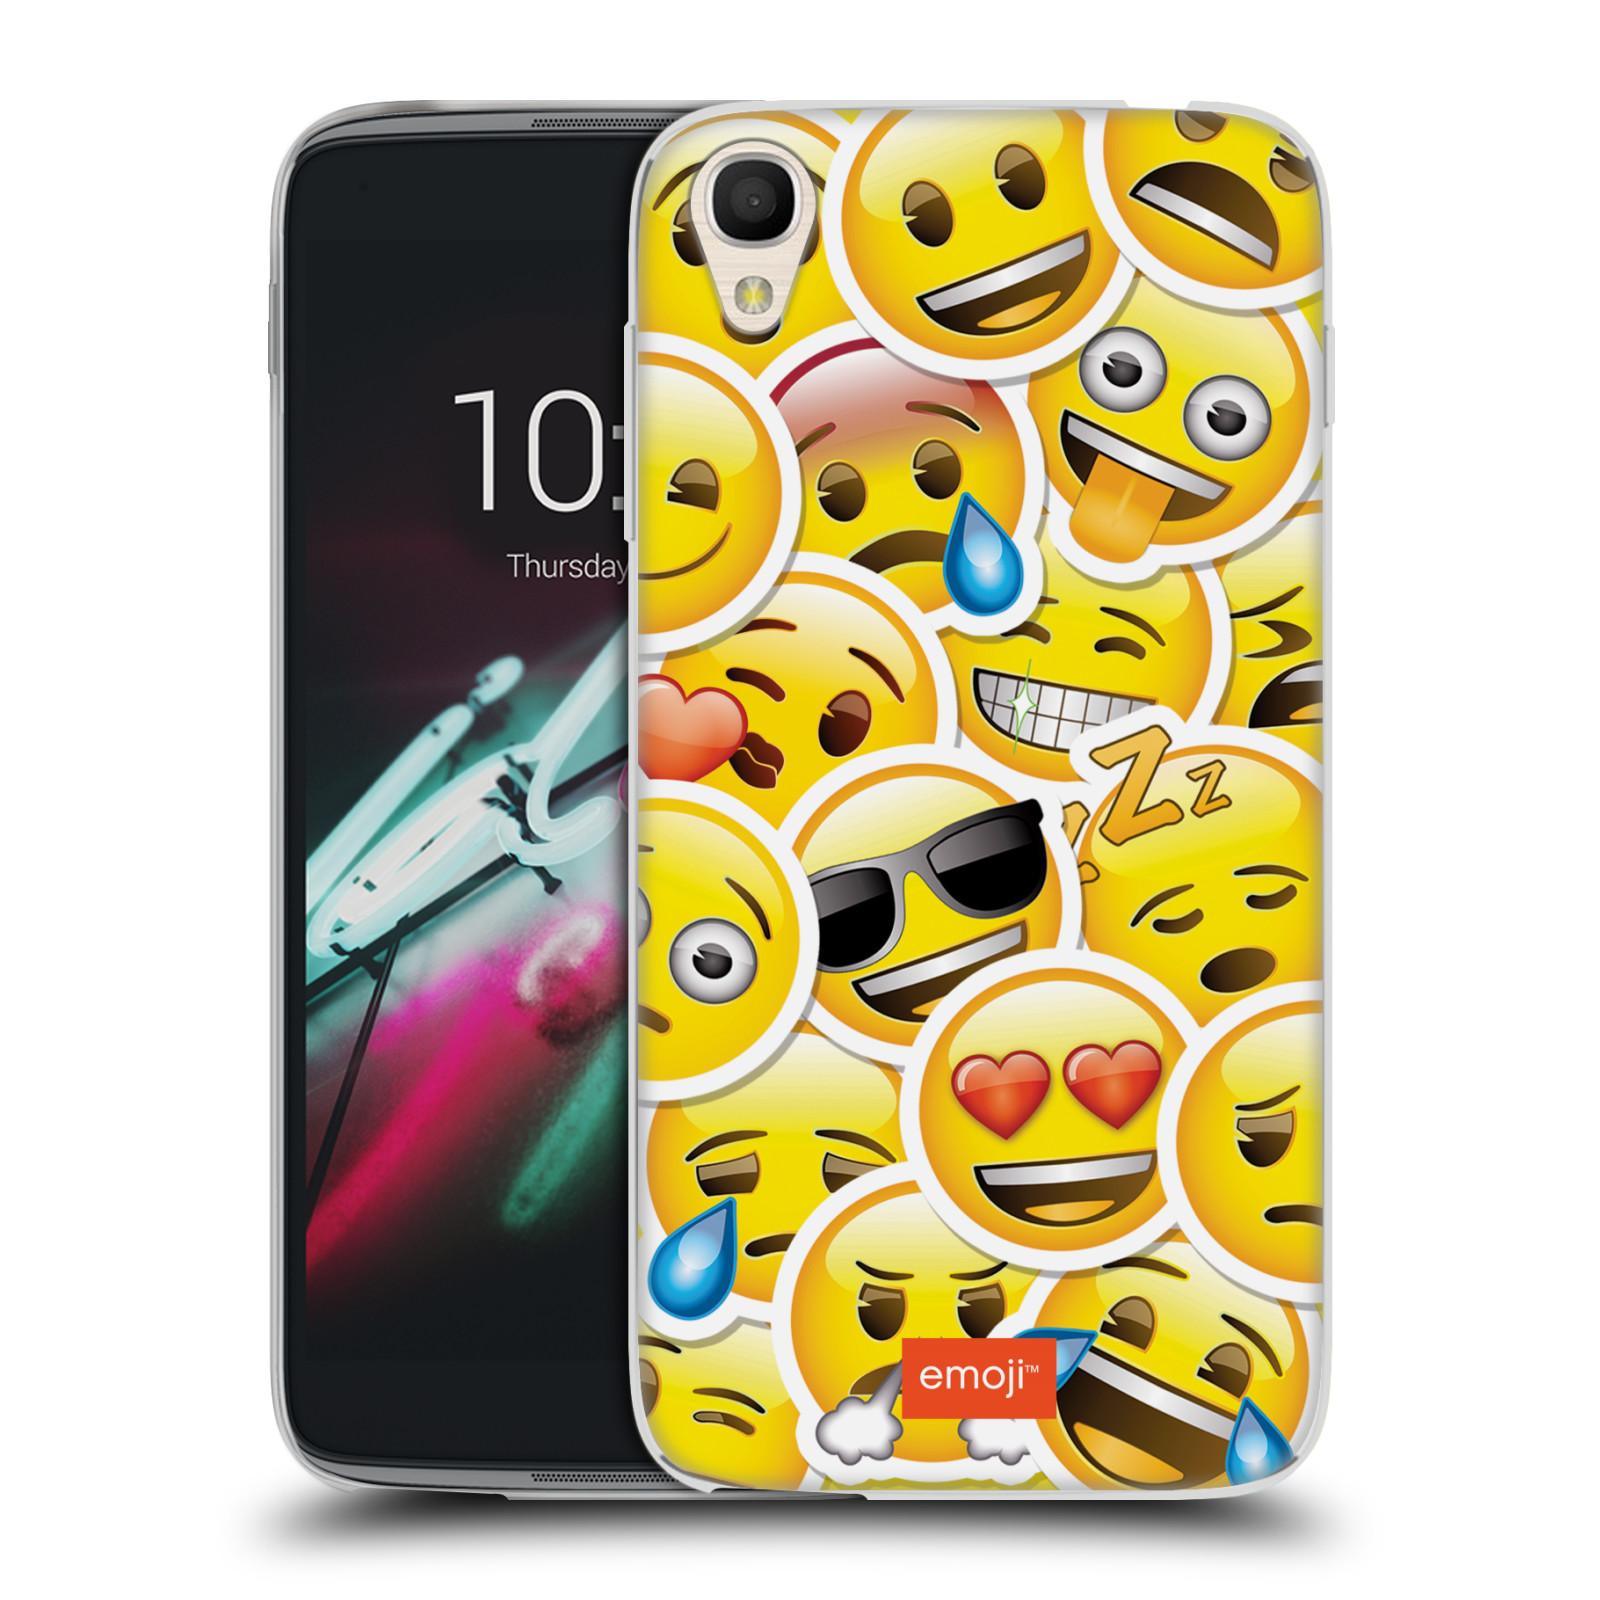 """Silikonové pouzdro na mobil Alcatel One Touch 6039Y Idol 3 HEAD CASE EMOJI - Velcí smajlíci ZZ (Silikonový kryt či obal s oficiálním motivem EMOJI na mobilní telefon Alcatel One Touch Idol 3 OT-6039Y s 4,7"""" displejem)"""